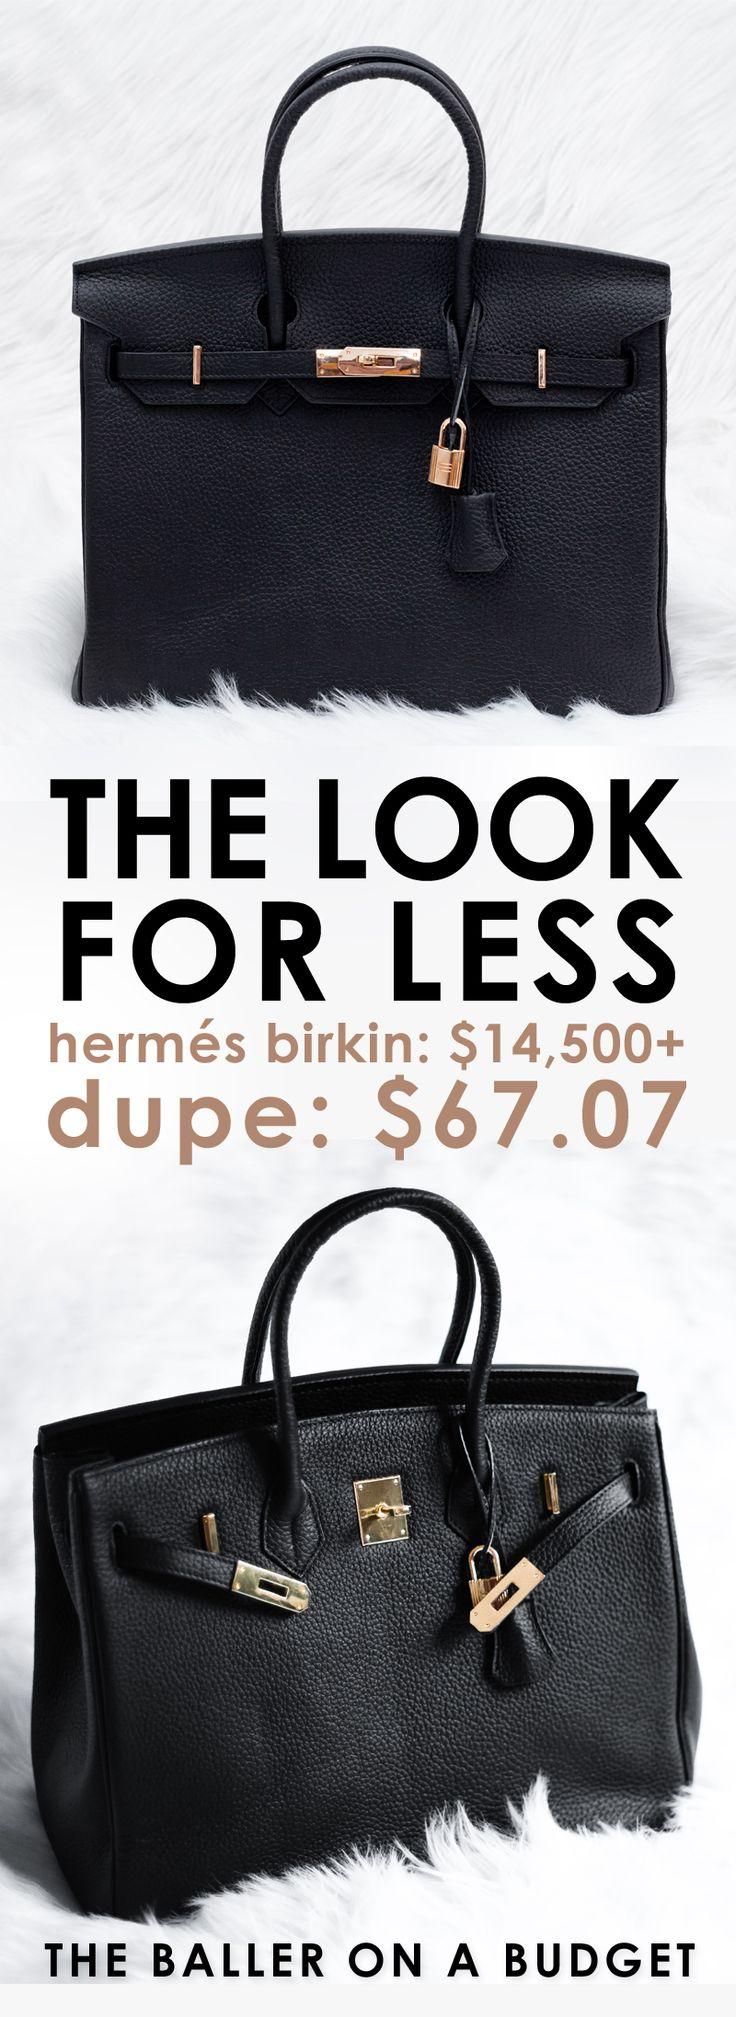 Designer Dupe Herms Birkin 14500 vs